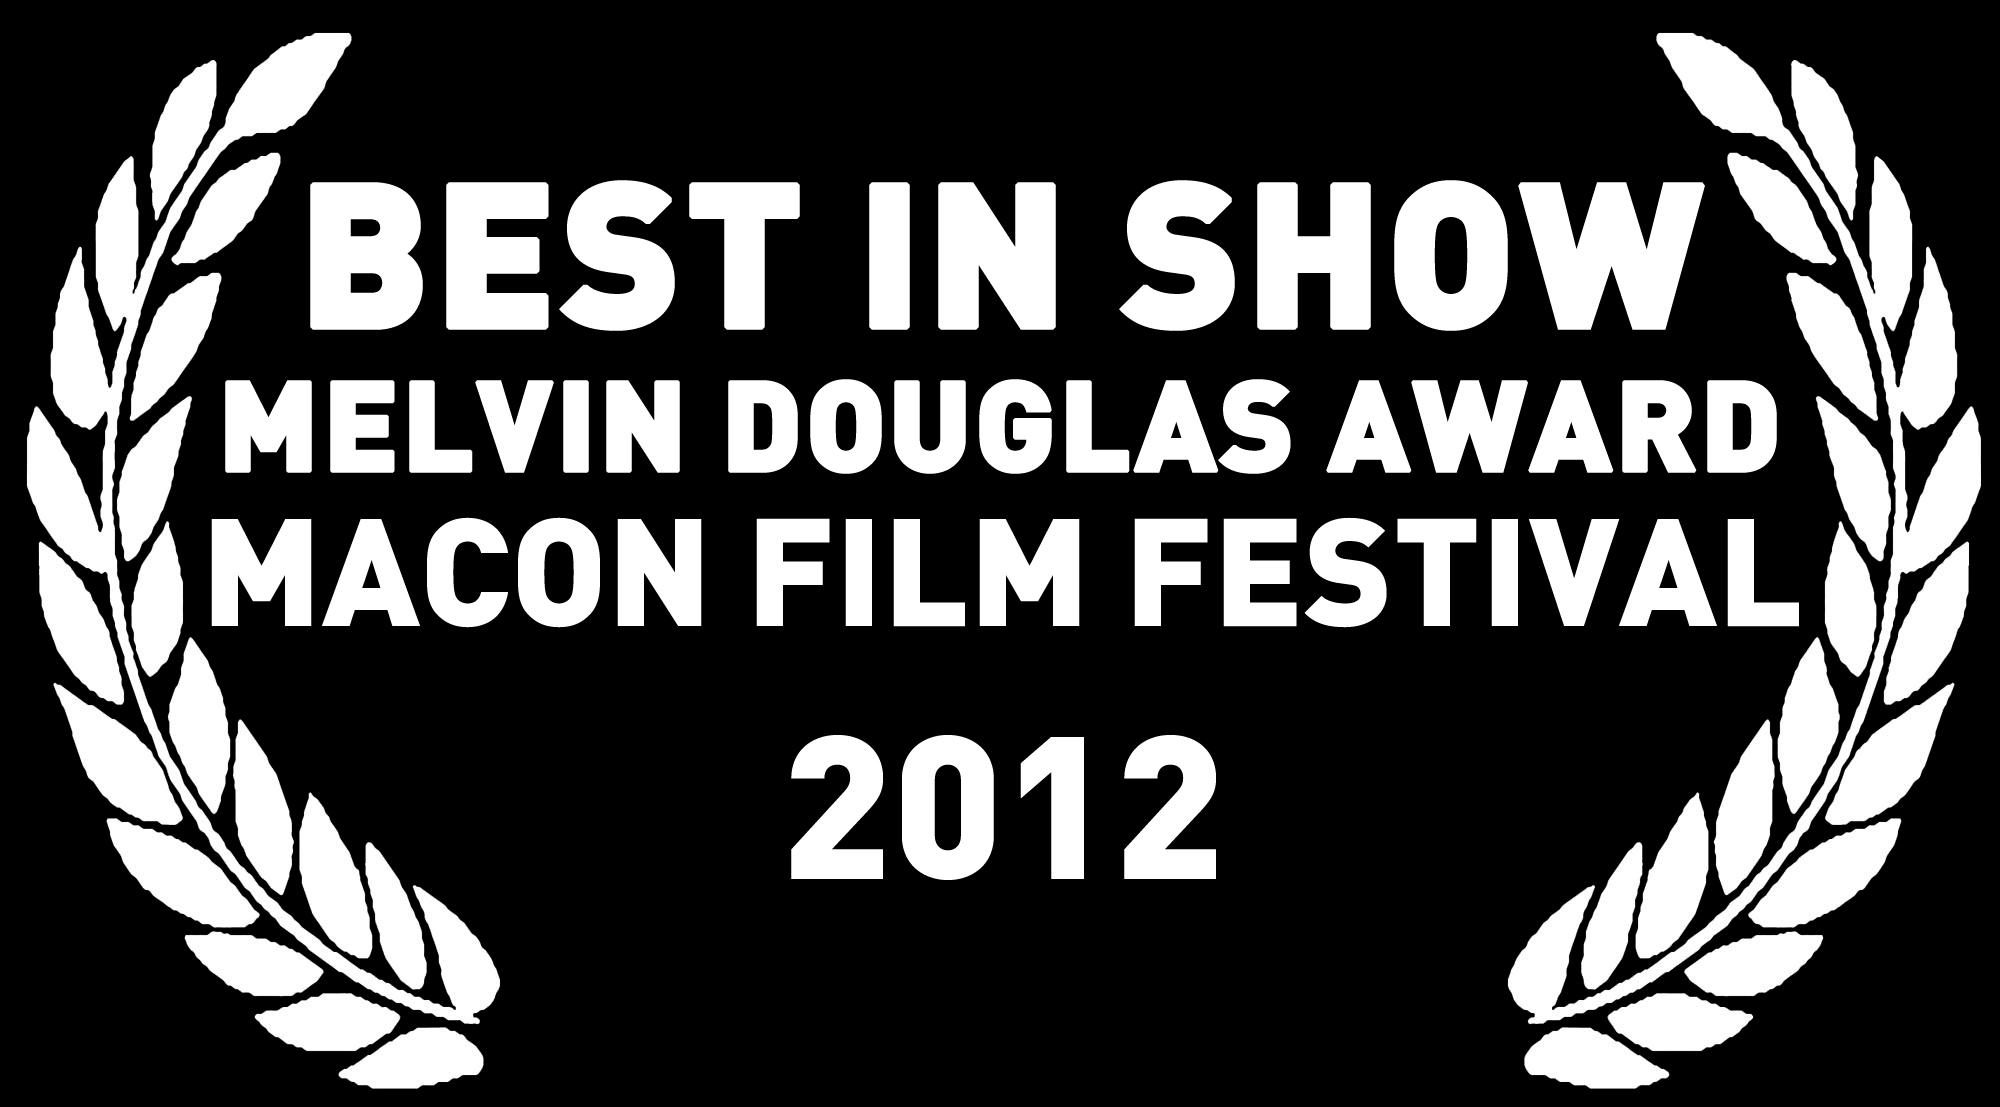 Best In Show | Melvin Douglas Award | Macon Film Festival